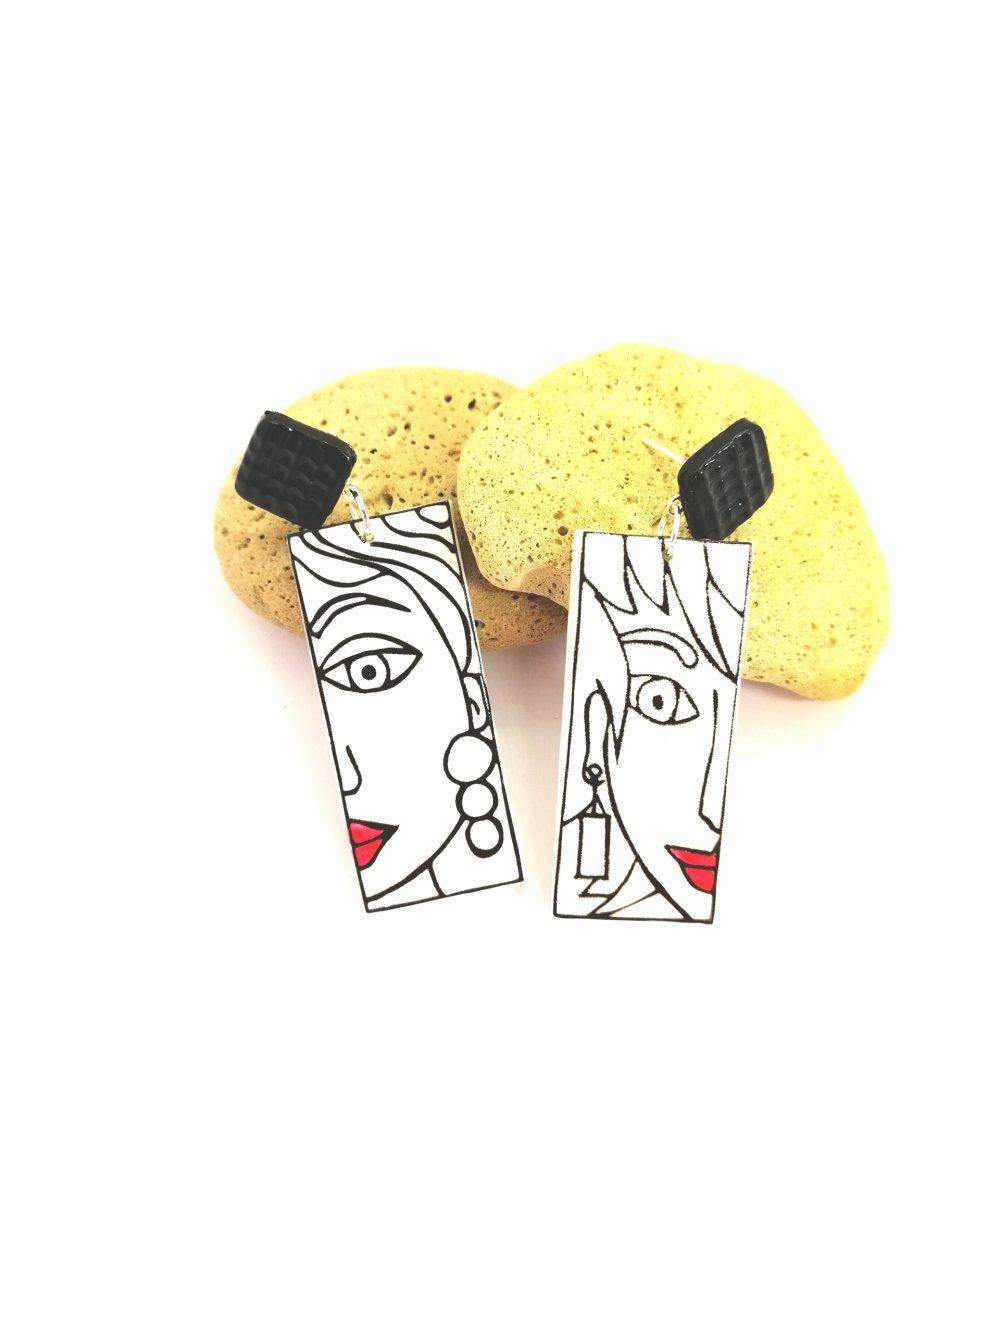 boucles d'oreilles rectangulaires visage femme fille sérigraphie pendantes en pâte polymère fimo bijou original blanc noir rouge